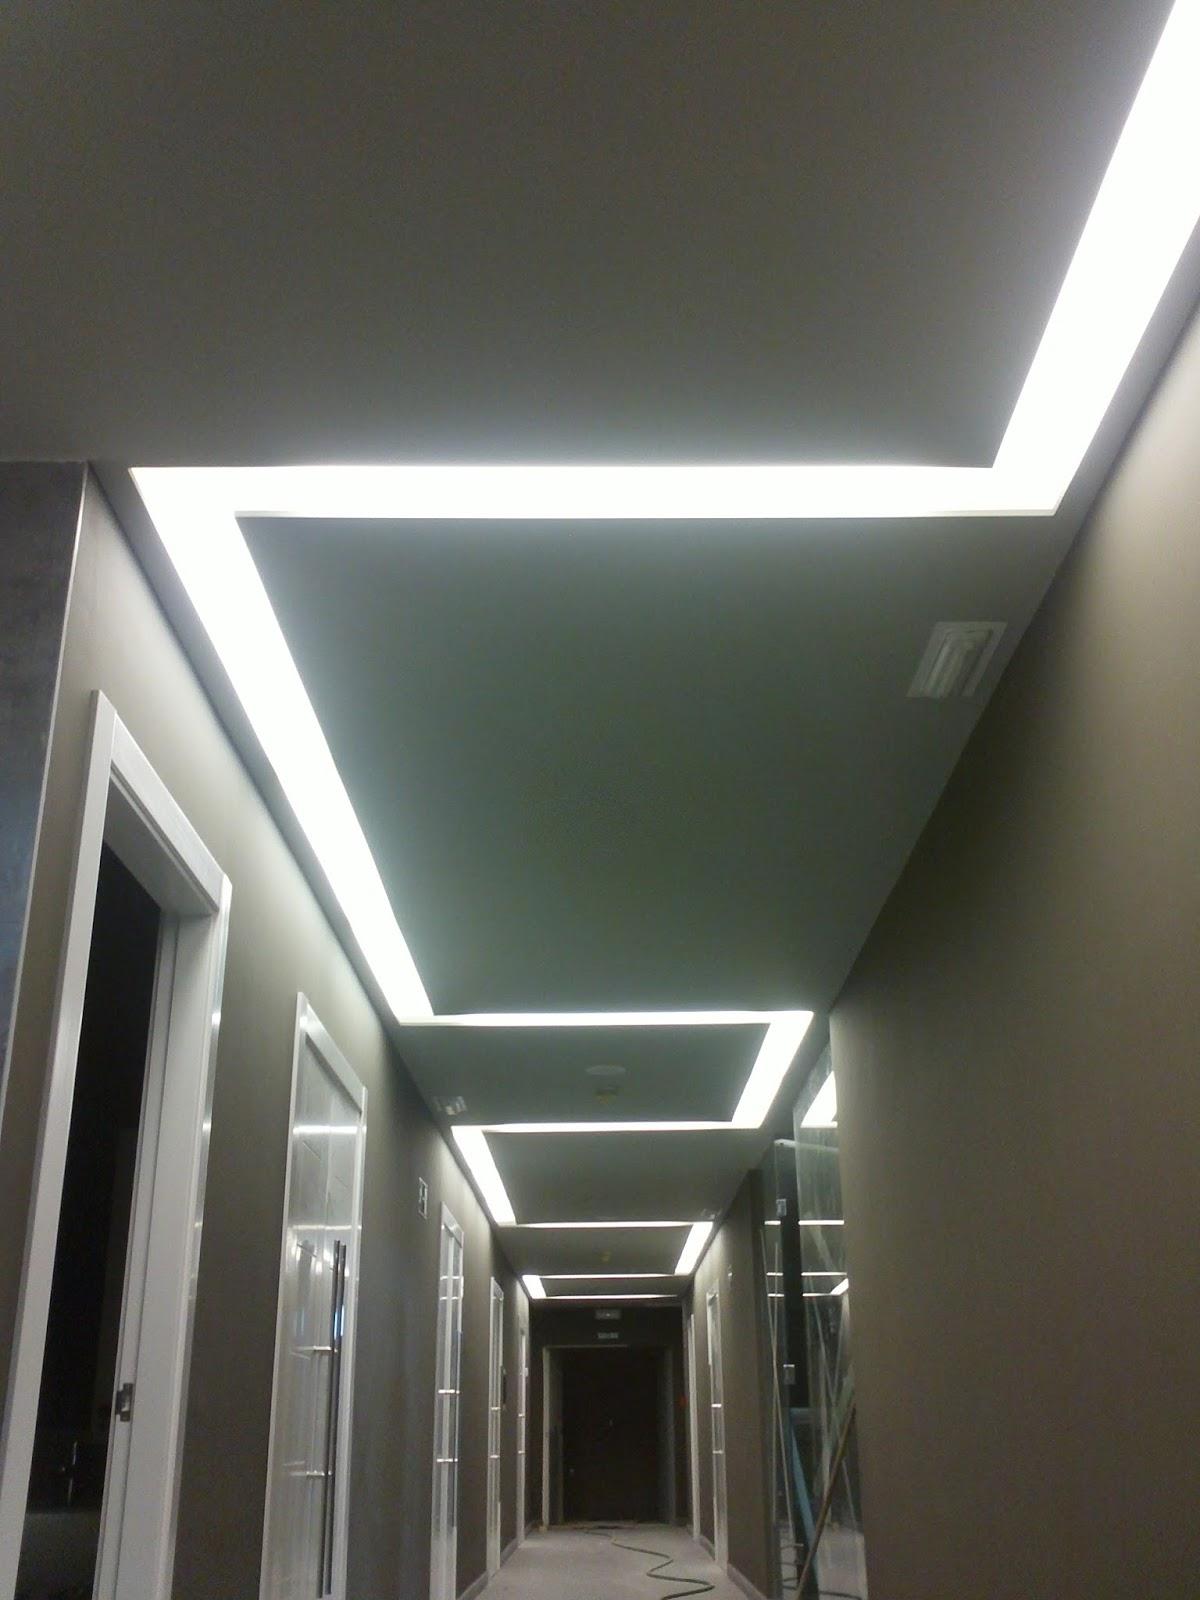 Reformas obras y decoraci n con pladur - Colocar techos de pladur ...